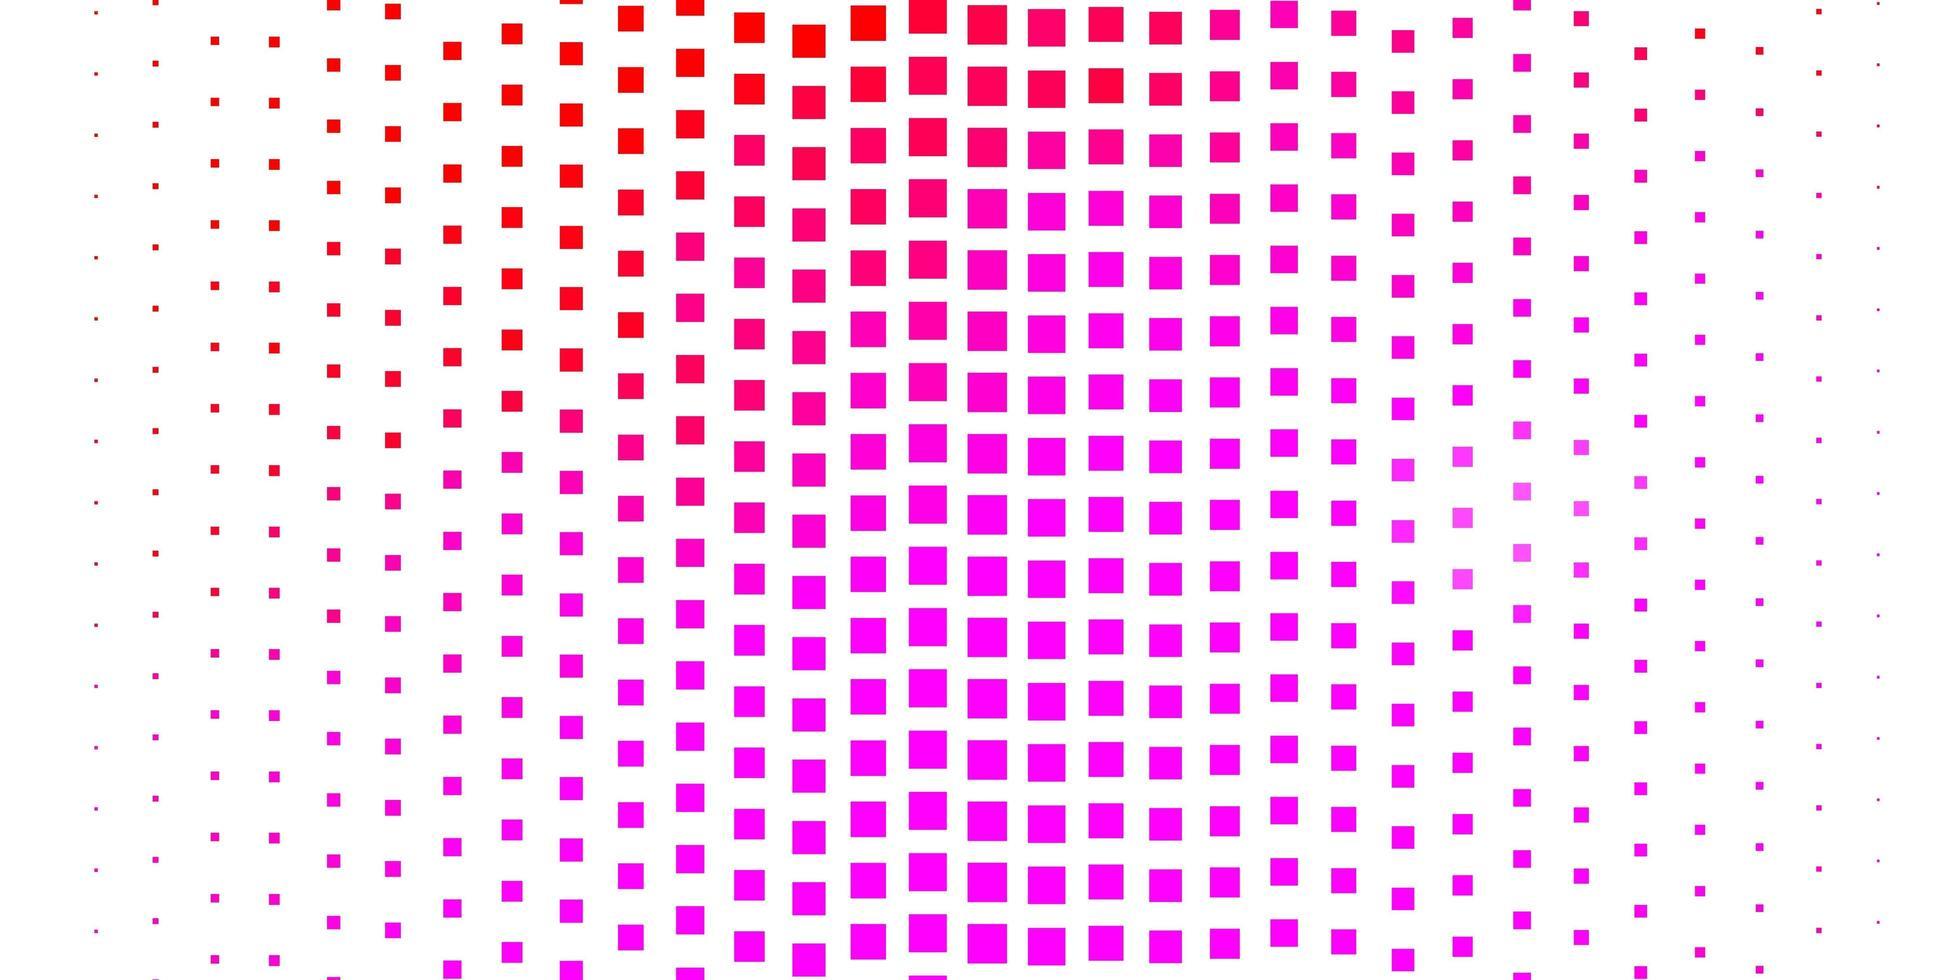 hellrosa Textur im rechteckigen Stil. vektor